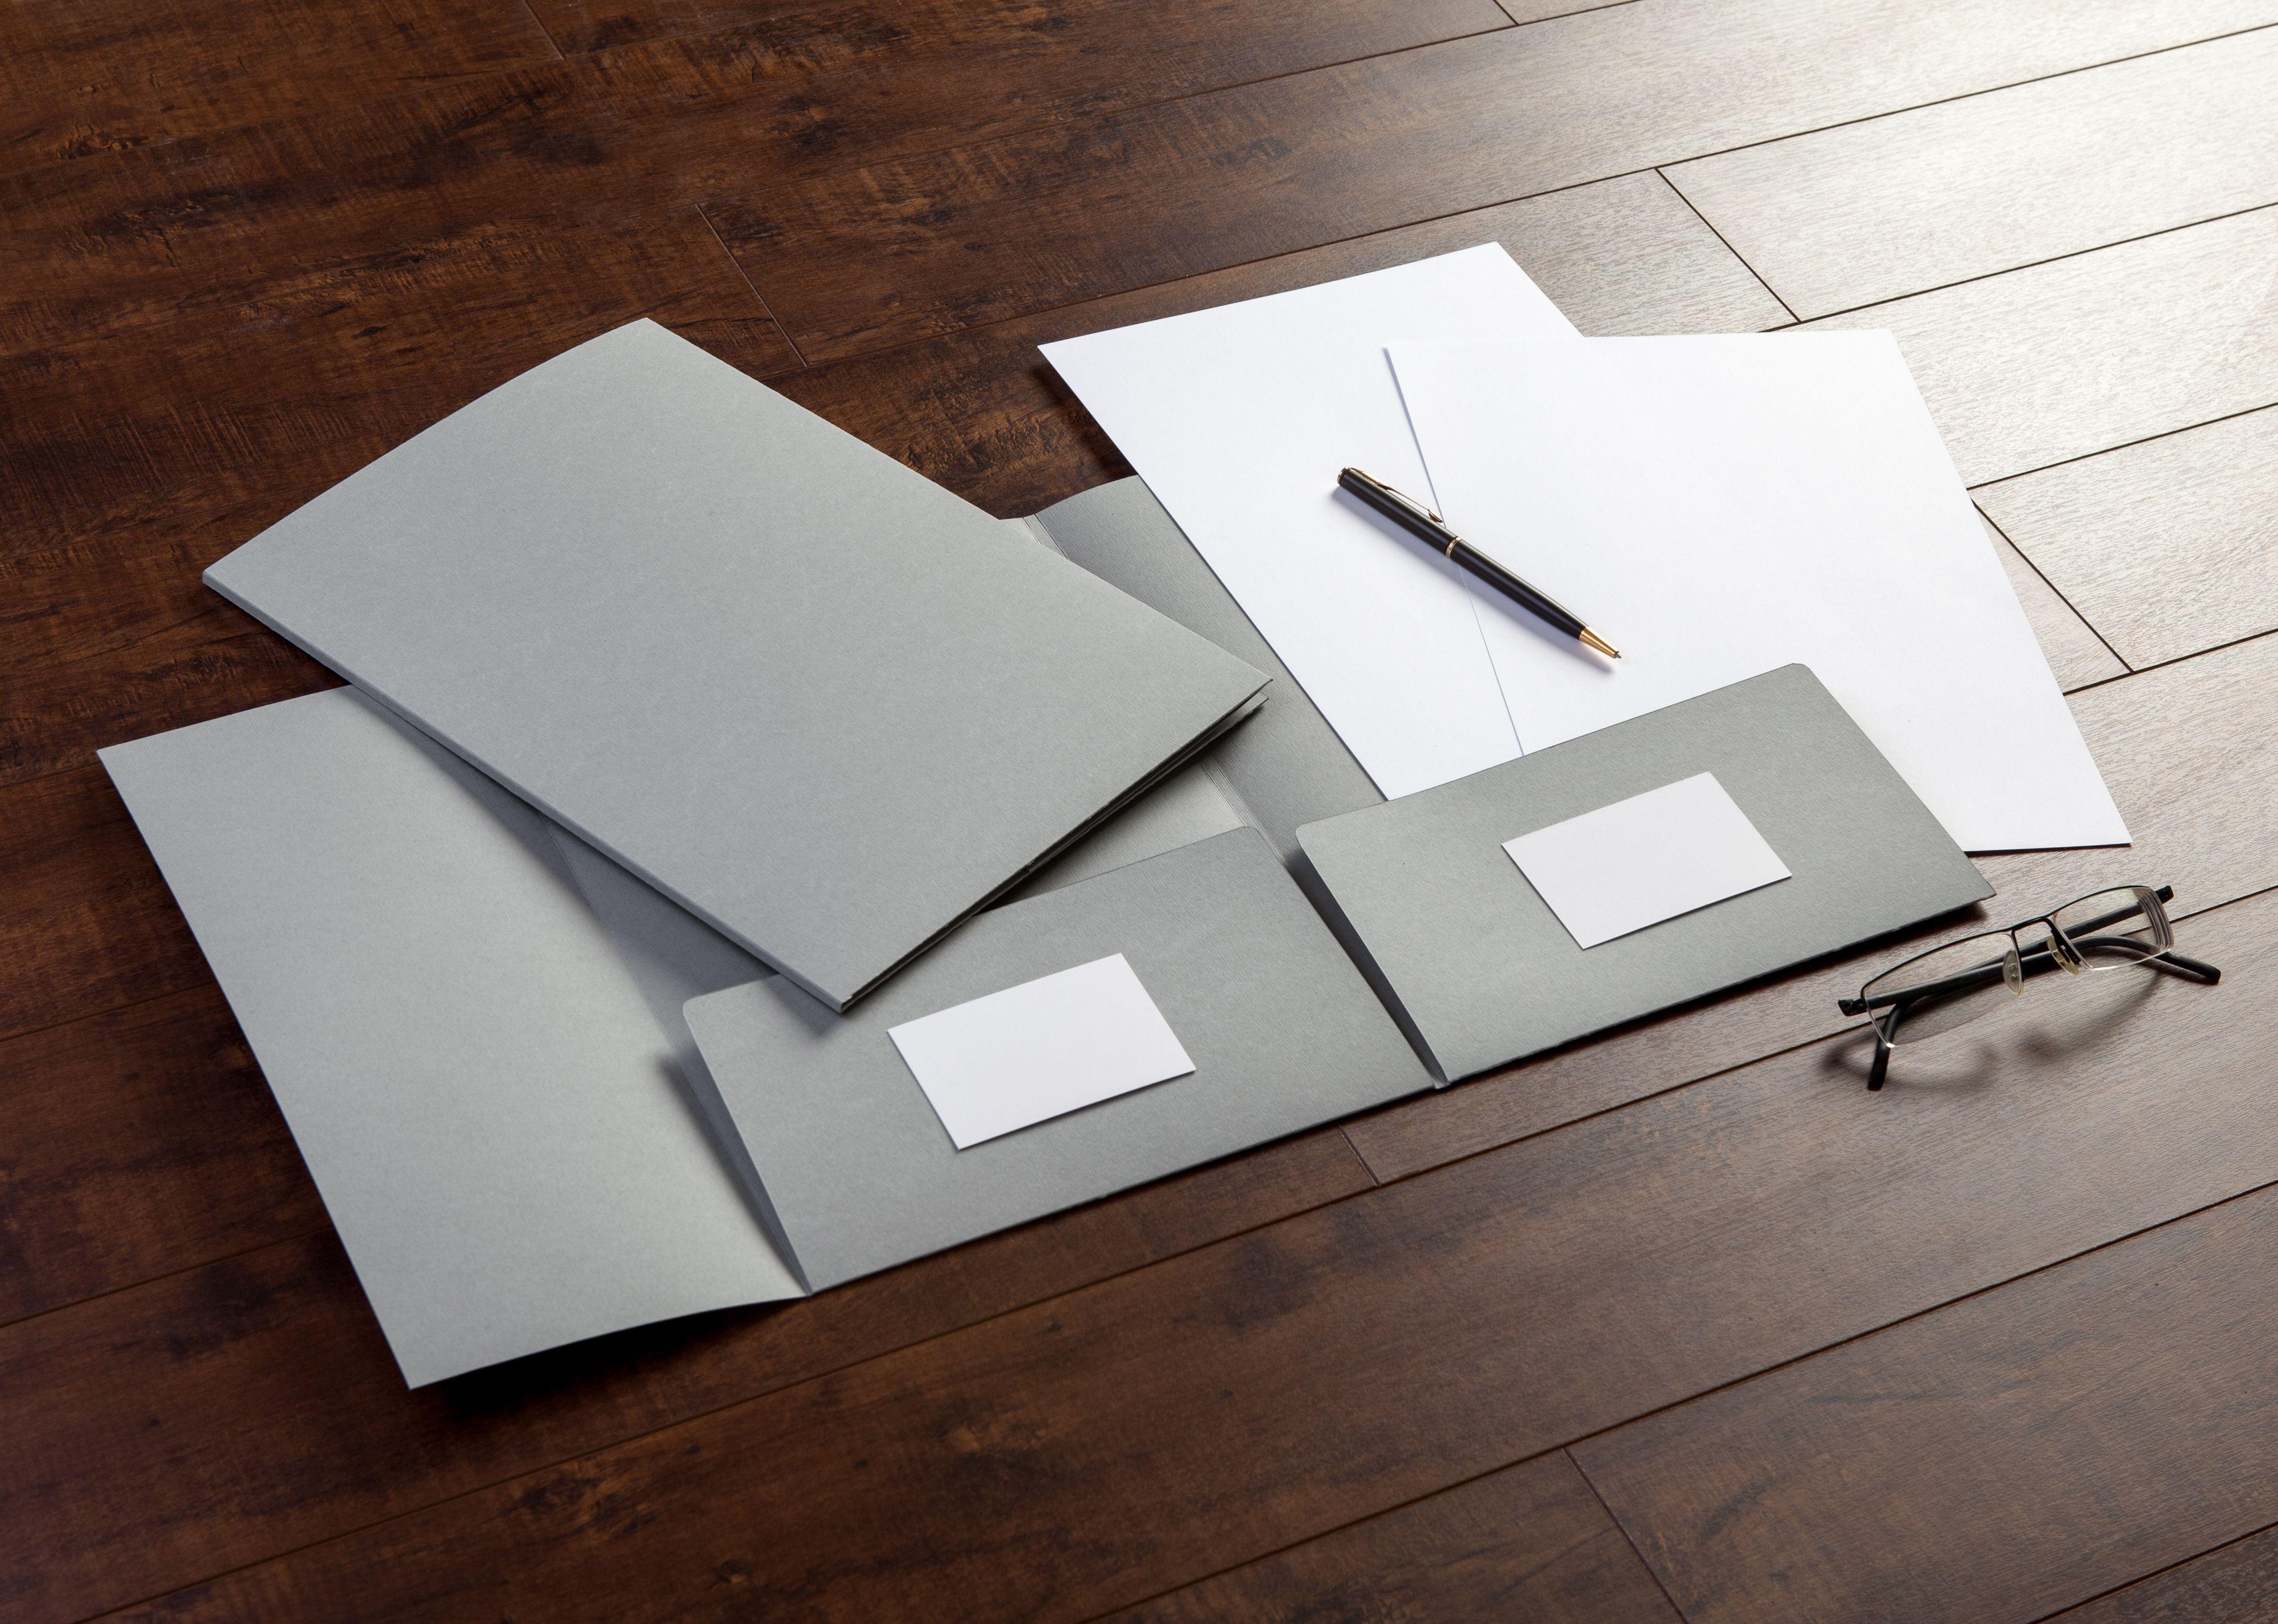 Encuadernación: Productos y servicios de Bedia Artes Gráficas